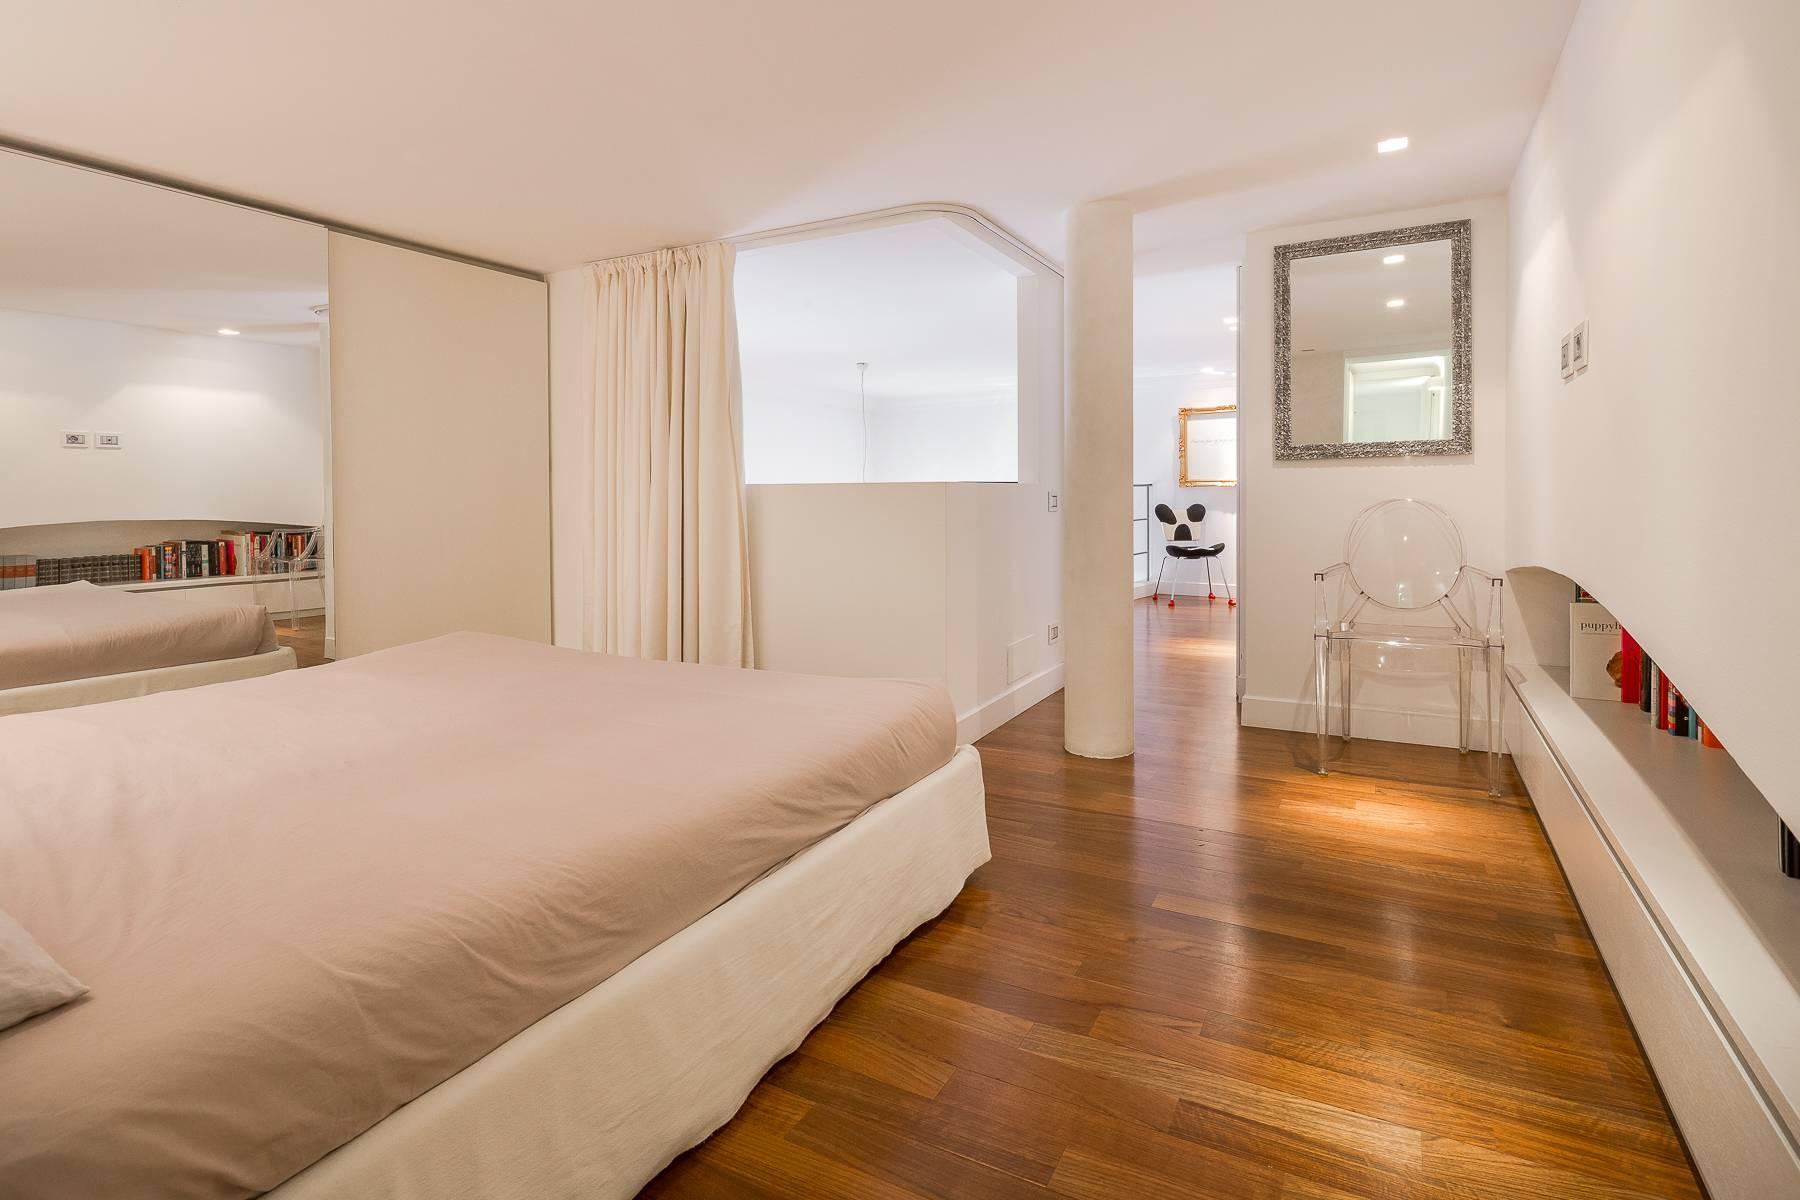 位于布雷拉区Via Montebello与De Marchi交汇处的公寓/复式 - 23